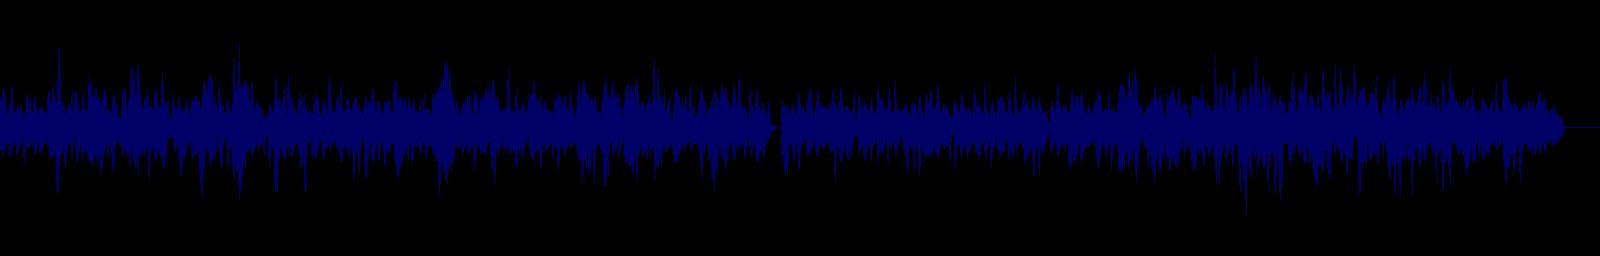 waveform of track #99590